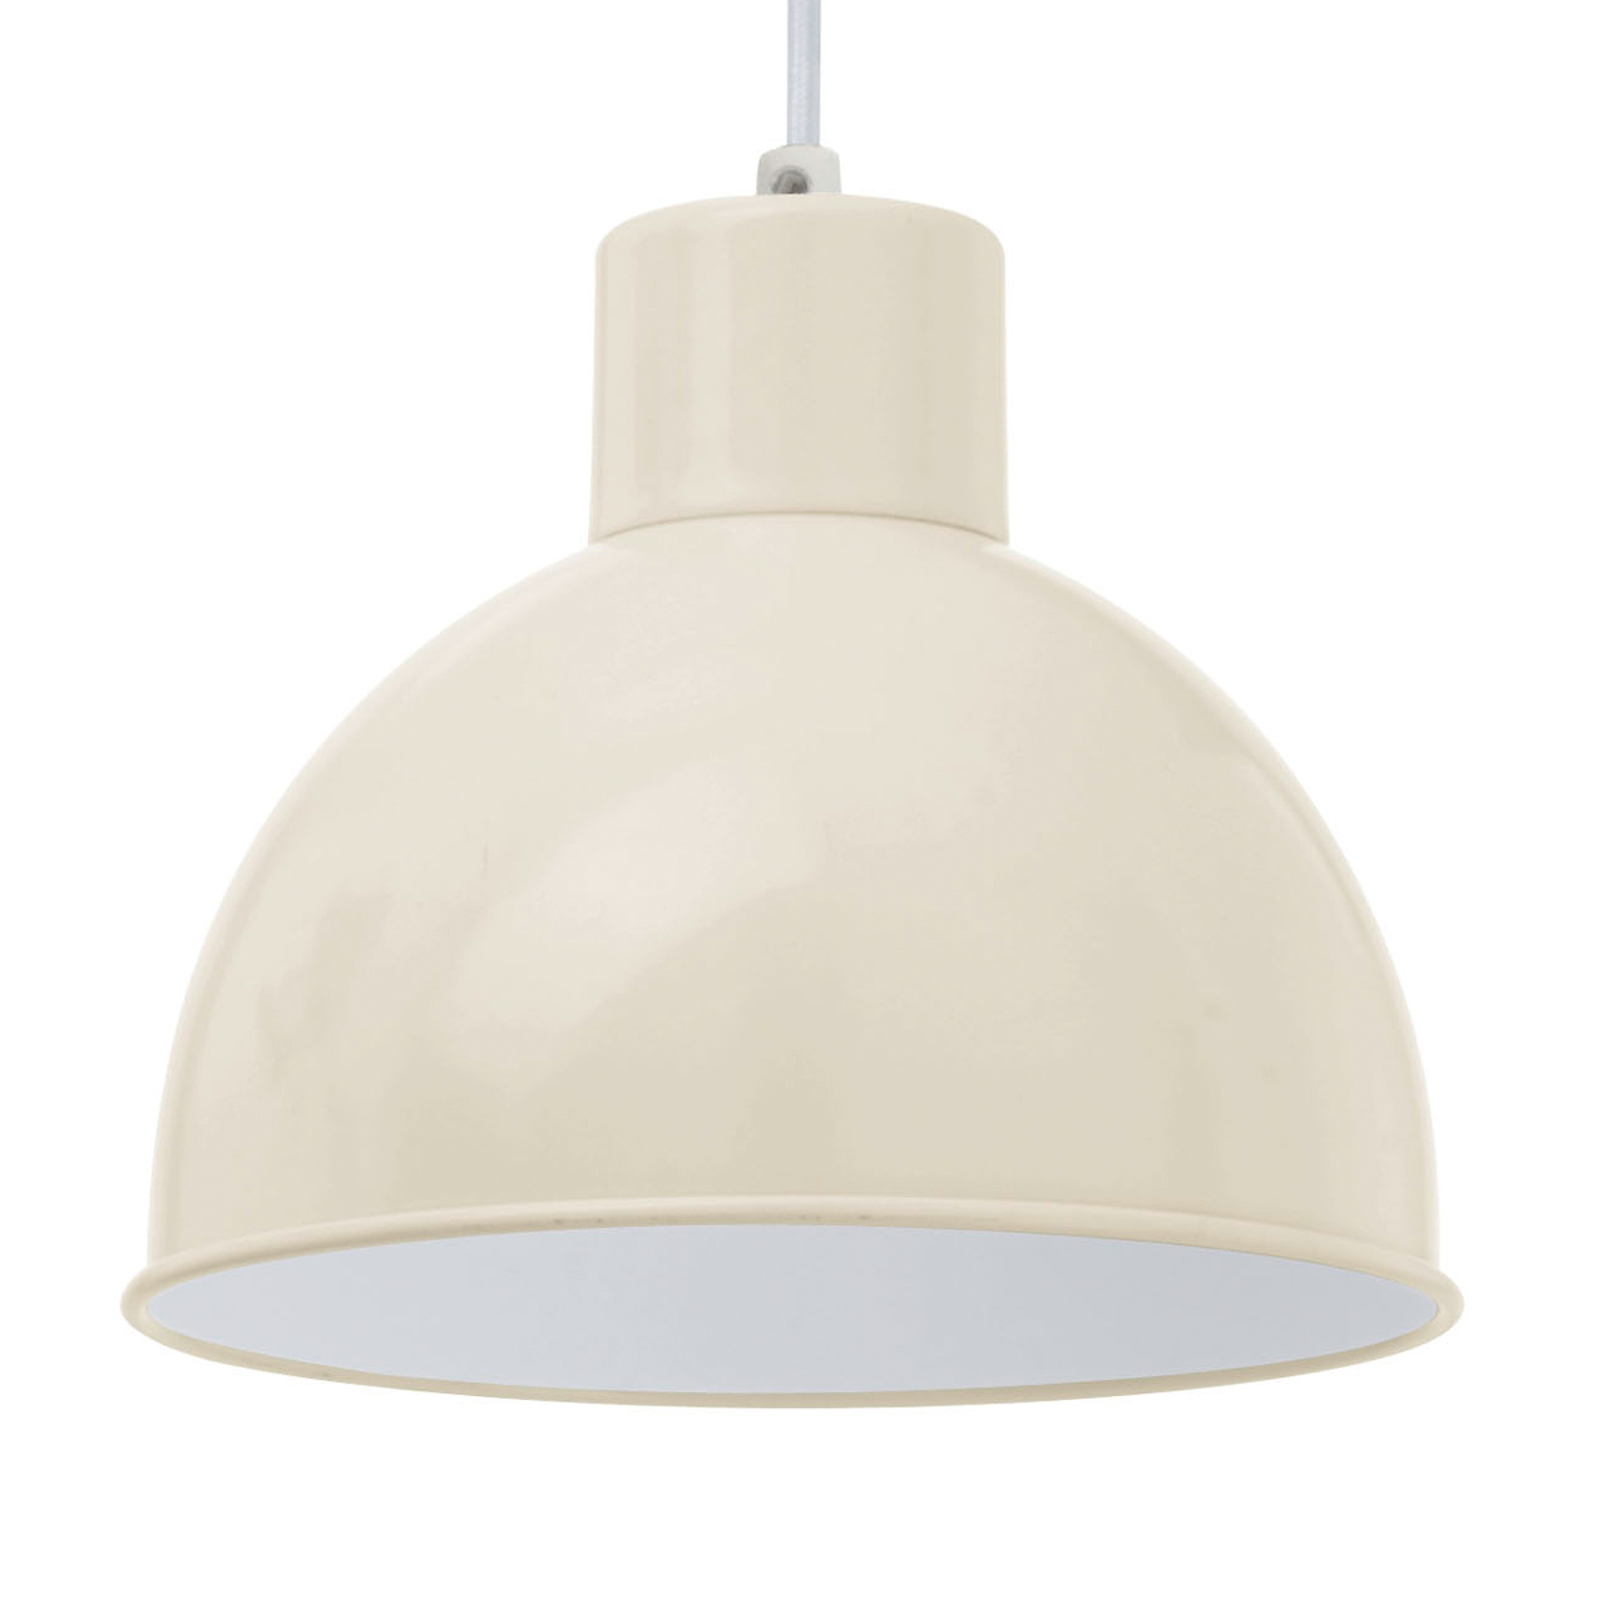 Sandfärgad taklampa Andrin - vit på insidan